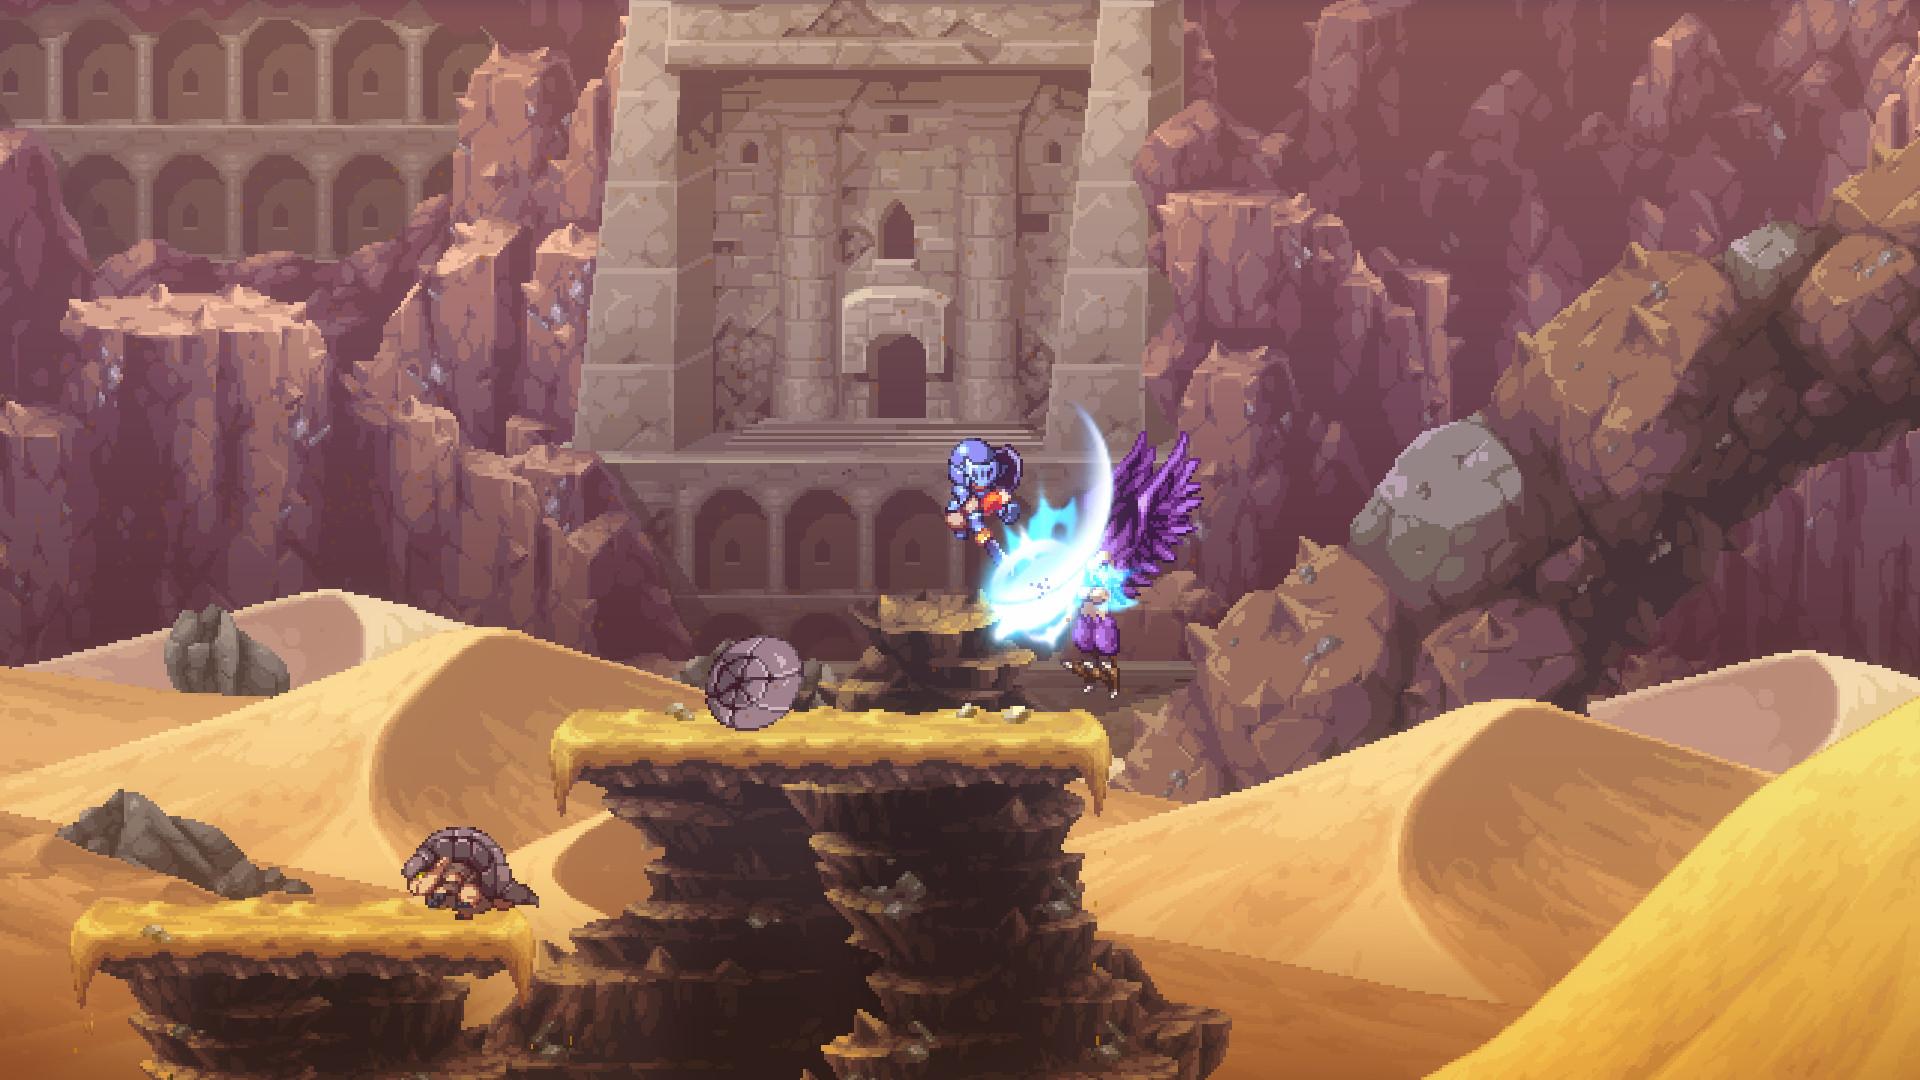 类银河战士恶魔城游戏《Souldiers》上架Steam 支持简体中文